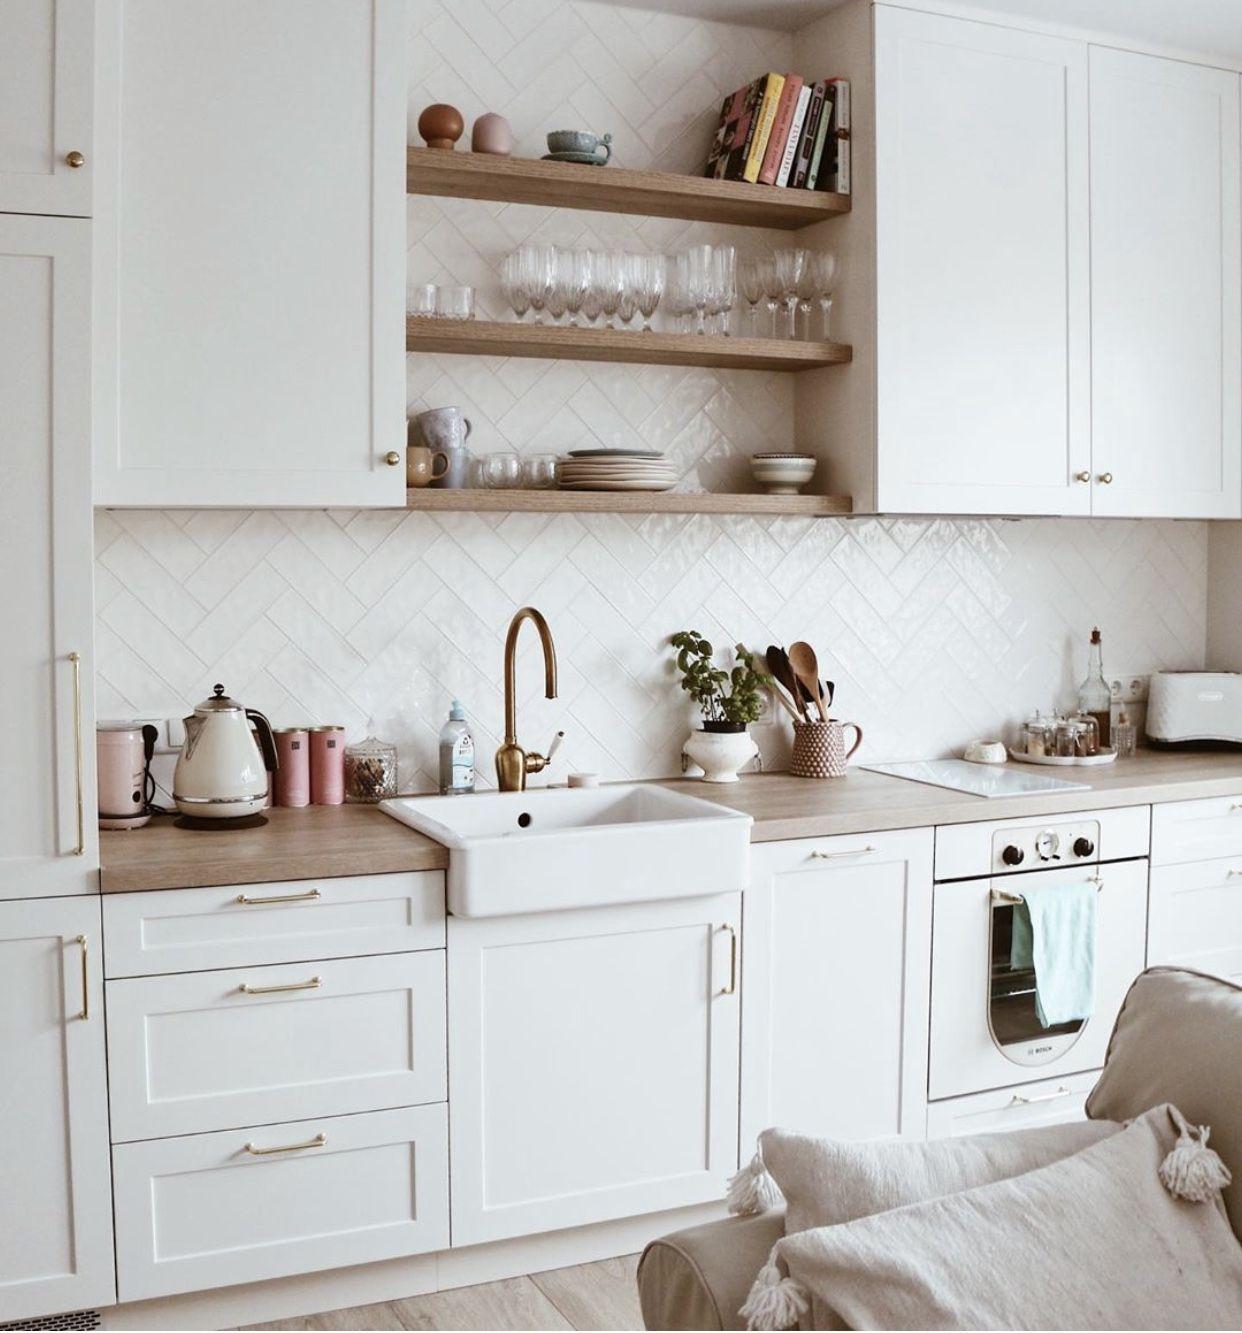 Kitchen Inspo Interior Design Kitchen Kitchen Remodel Home Kitchens